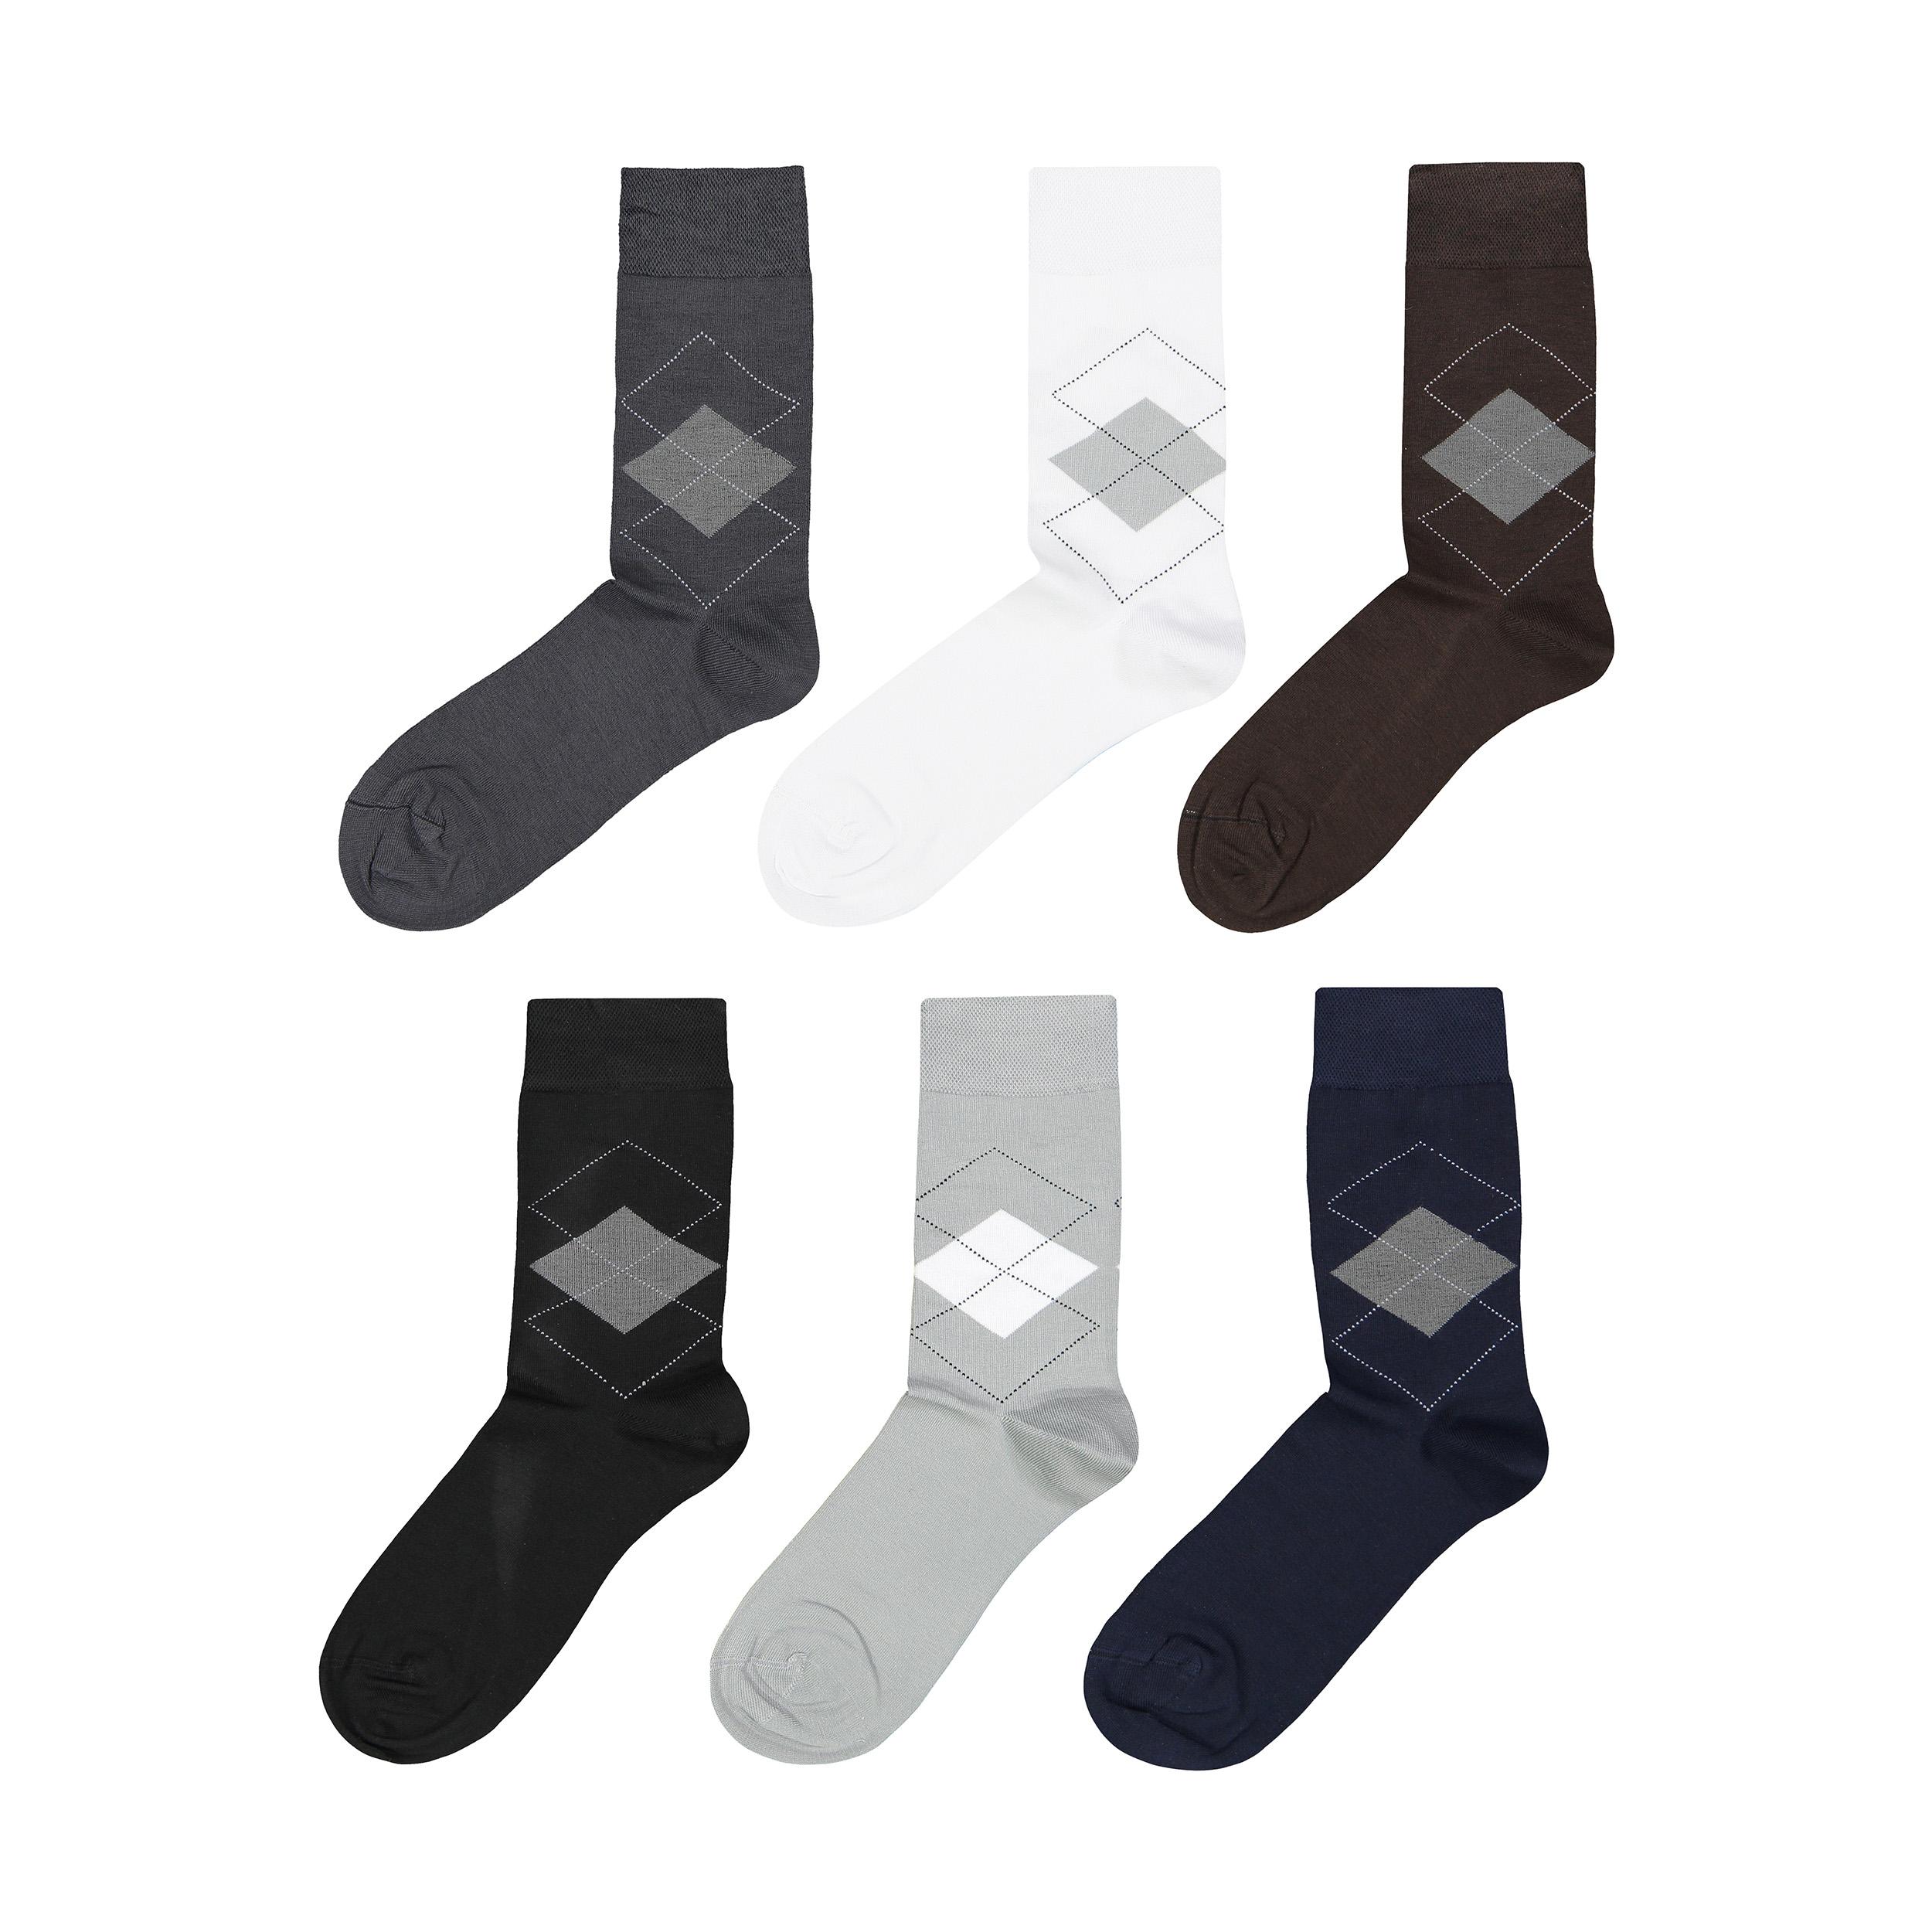 جوراب مردانه پاما کد 040-200 مجموعه 6 عددی thumb